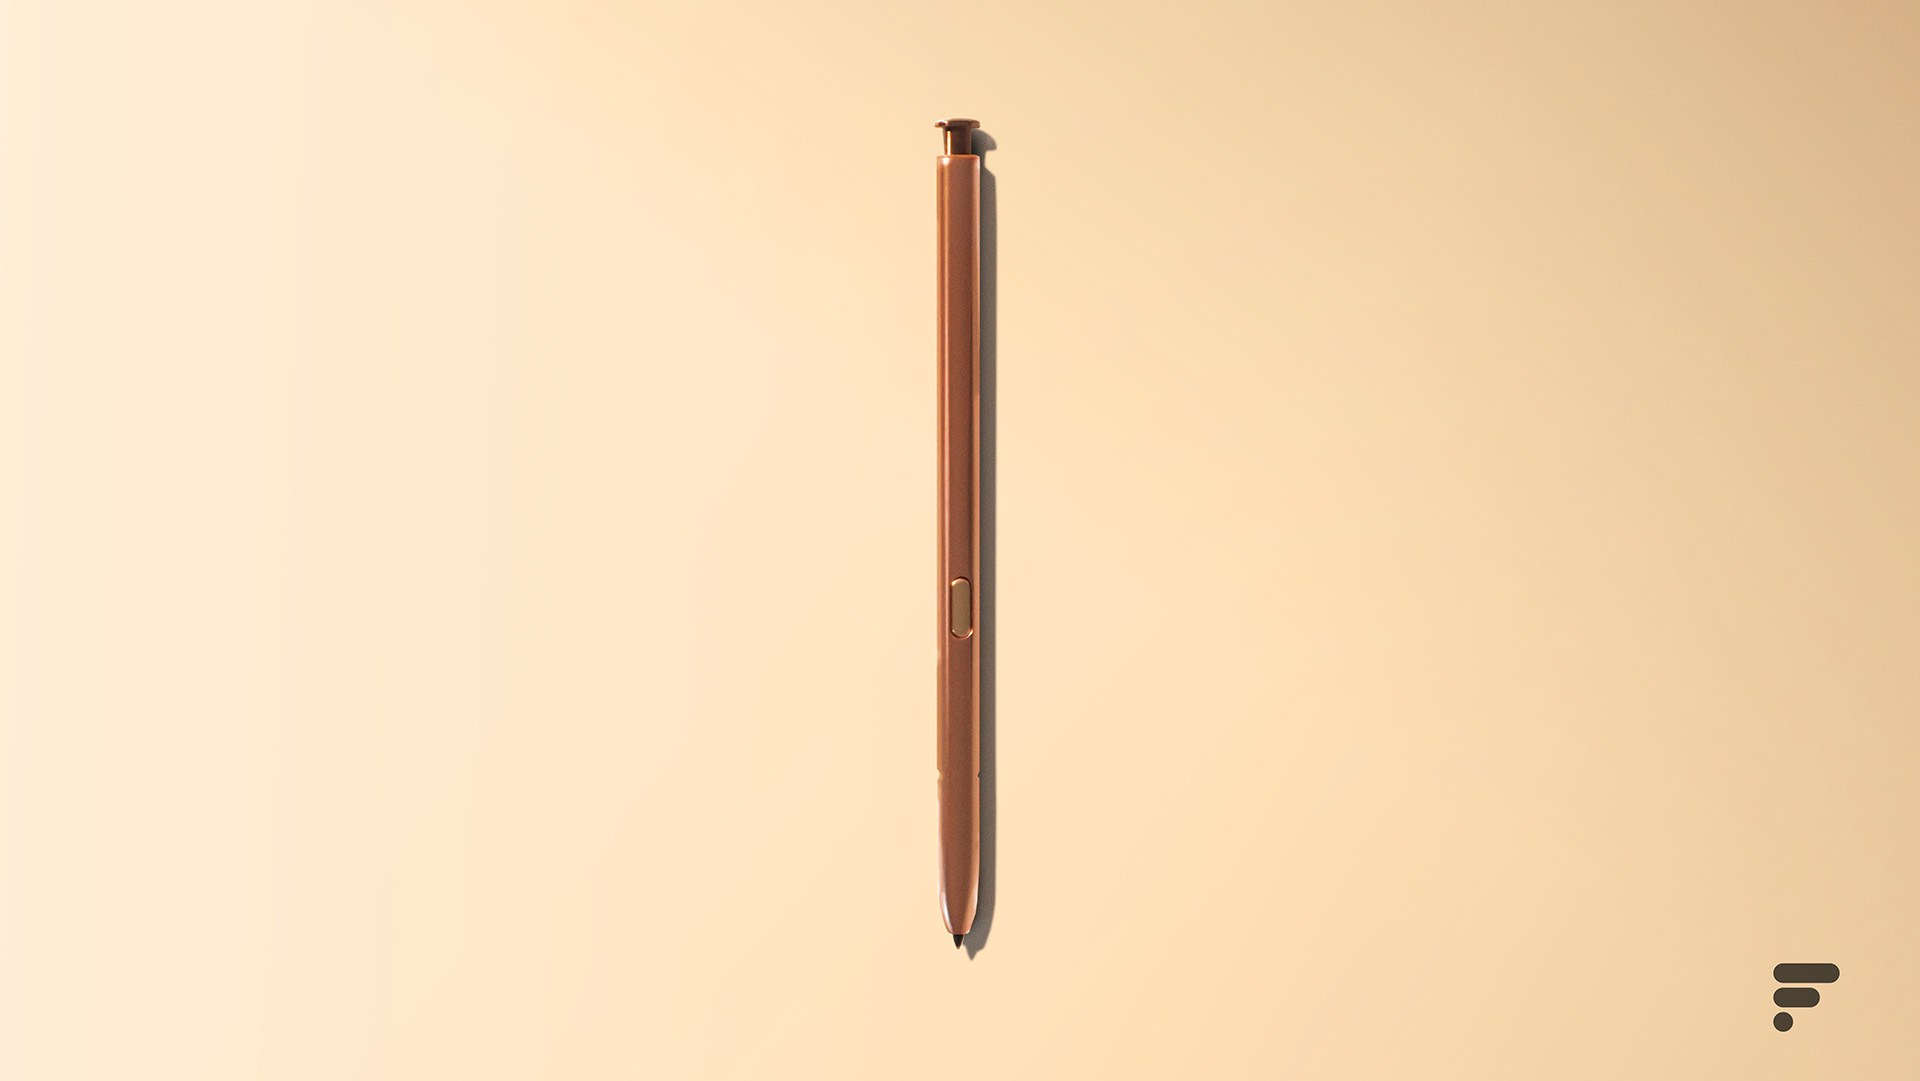 Samsung Galaxy S21 Ultra : l'ajout du stylet S Pen ne fait presque plus aucun doute